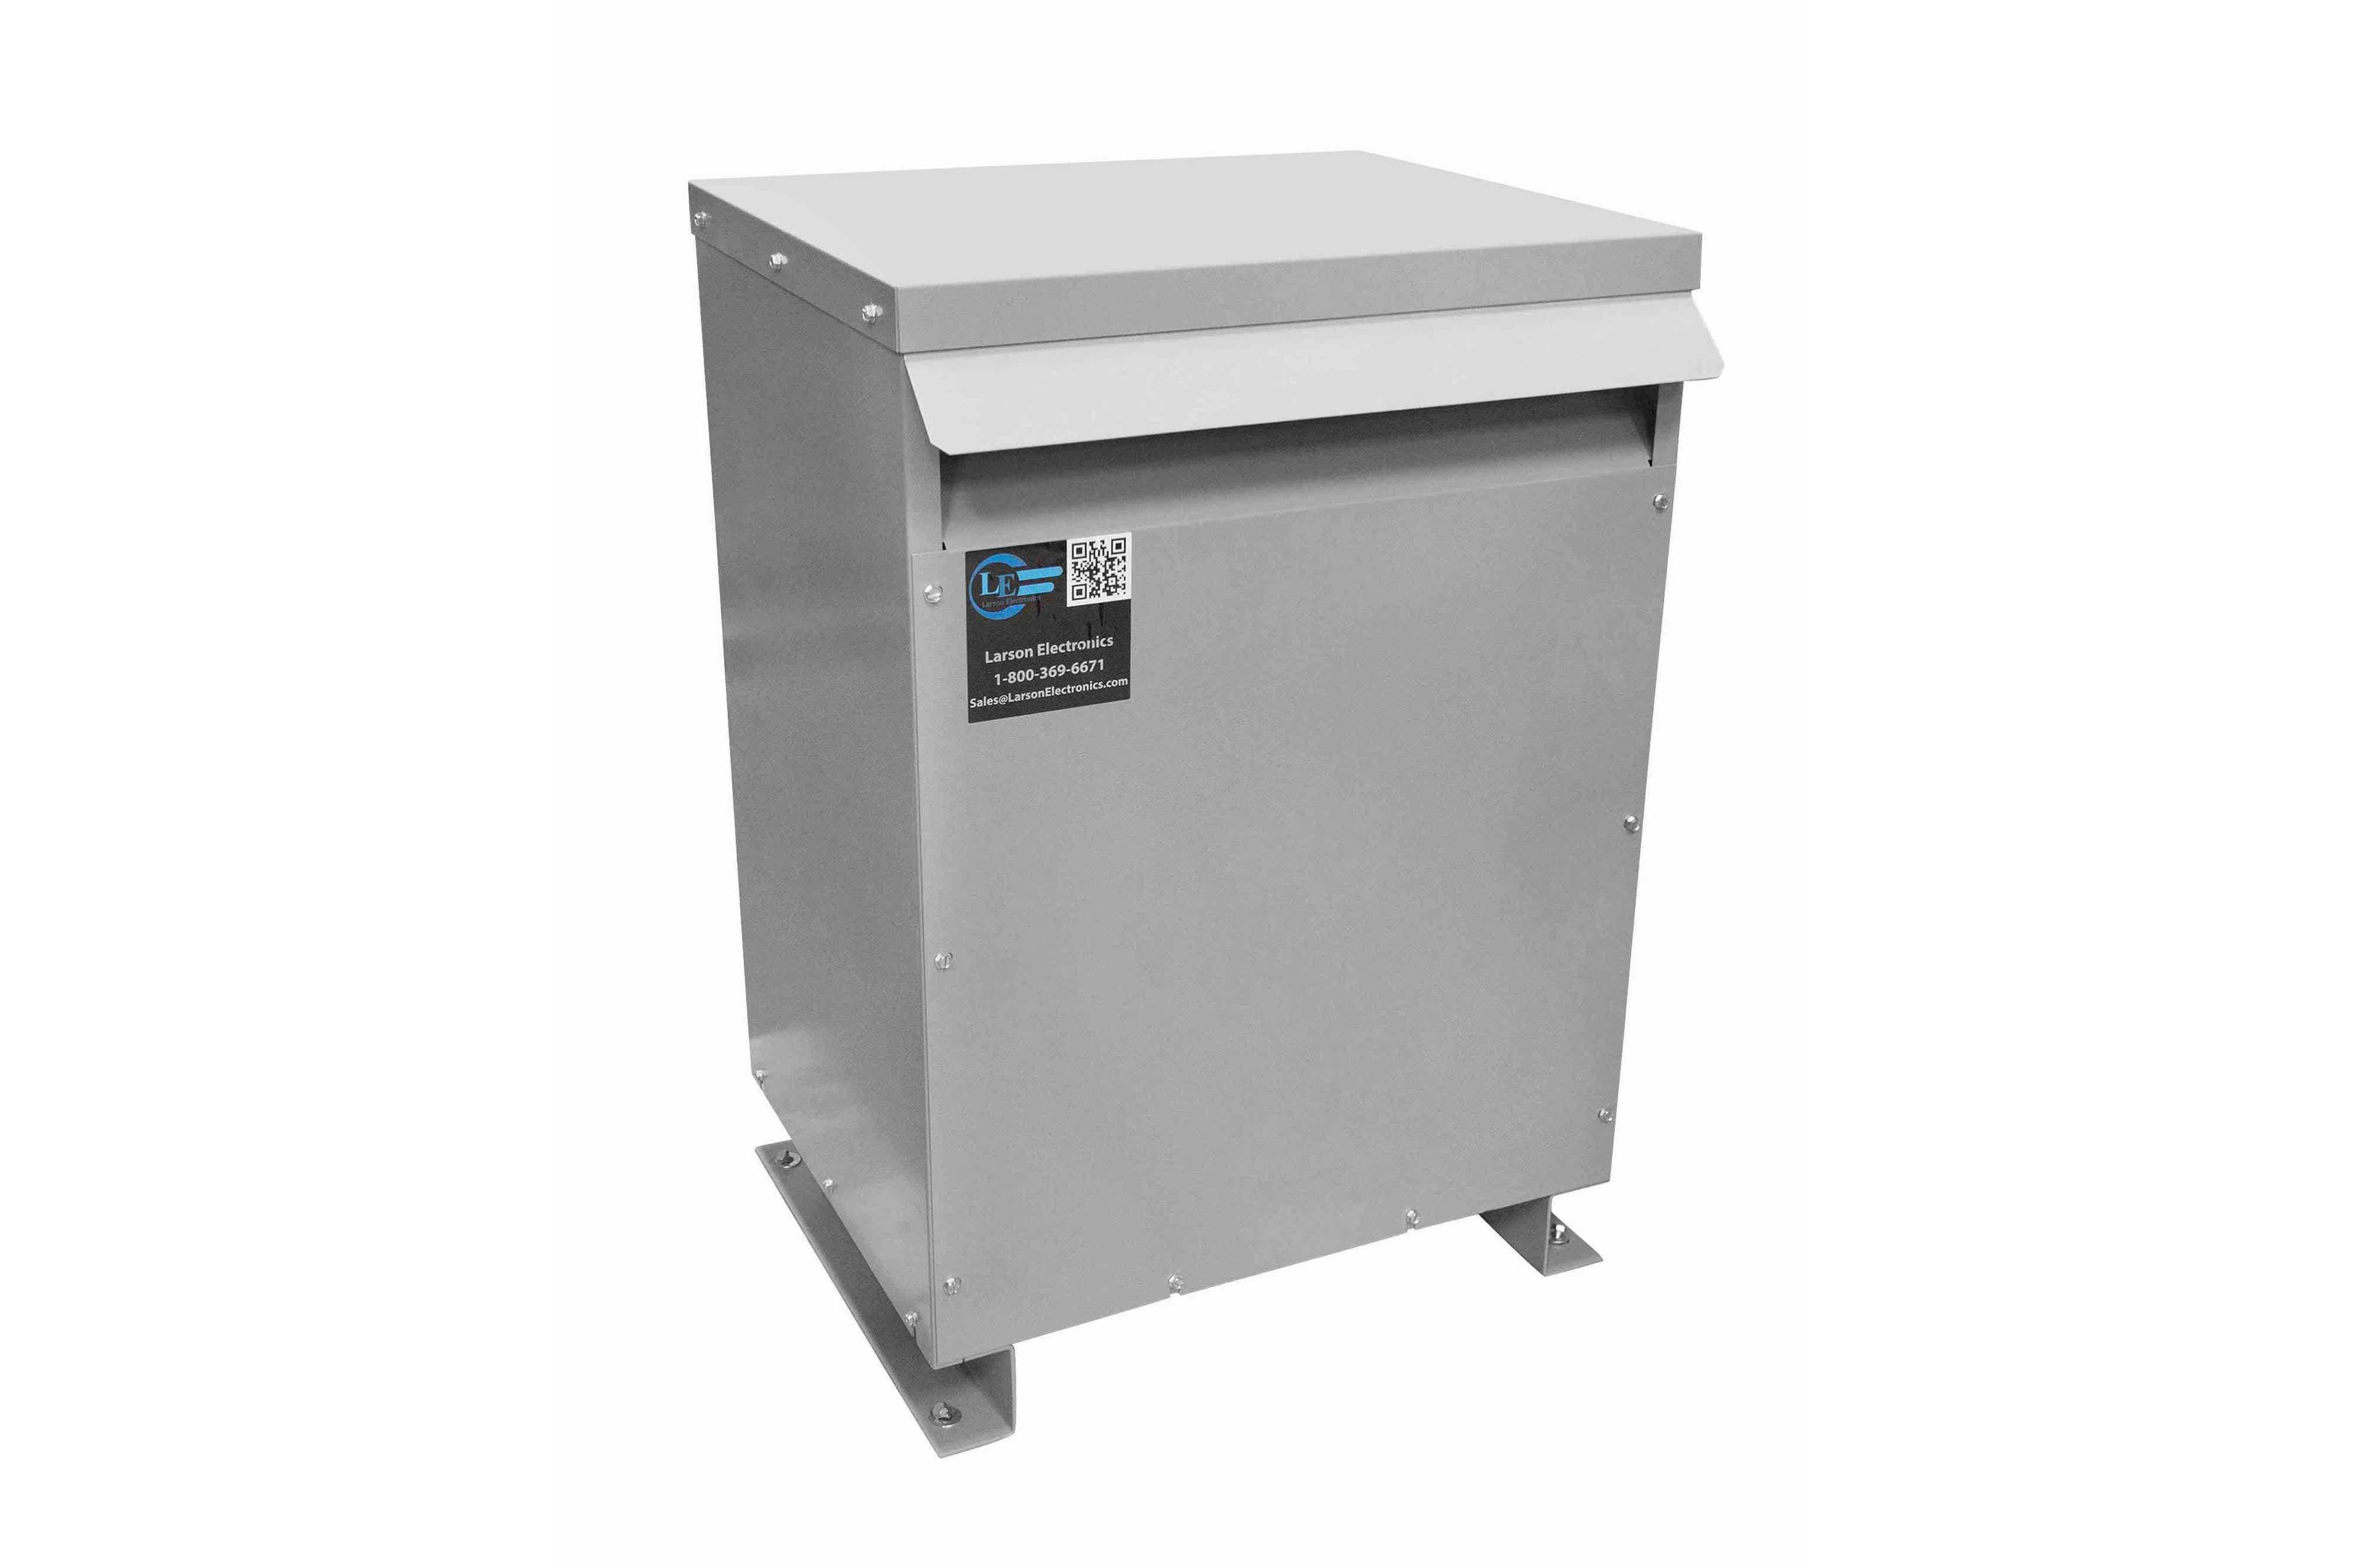 29 kVA 3PH Isolation Transformer, 400V Delta Primary, 600V Delta Secondary, N3R, Ventilated, 60 Hz